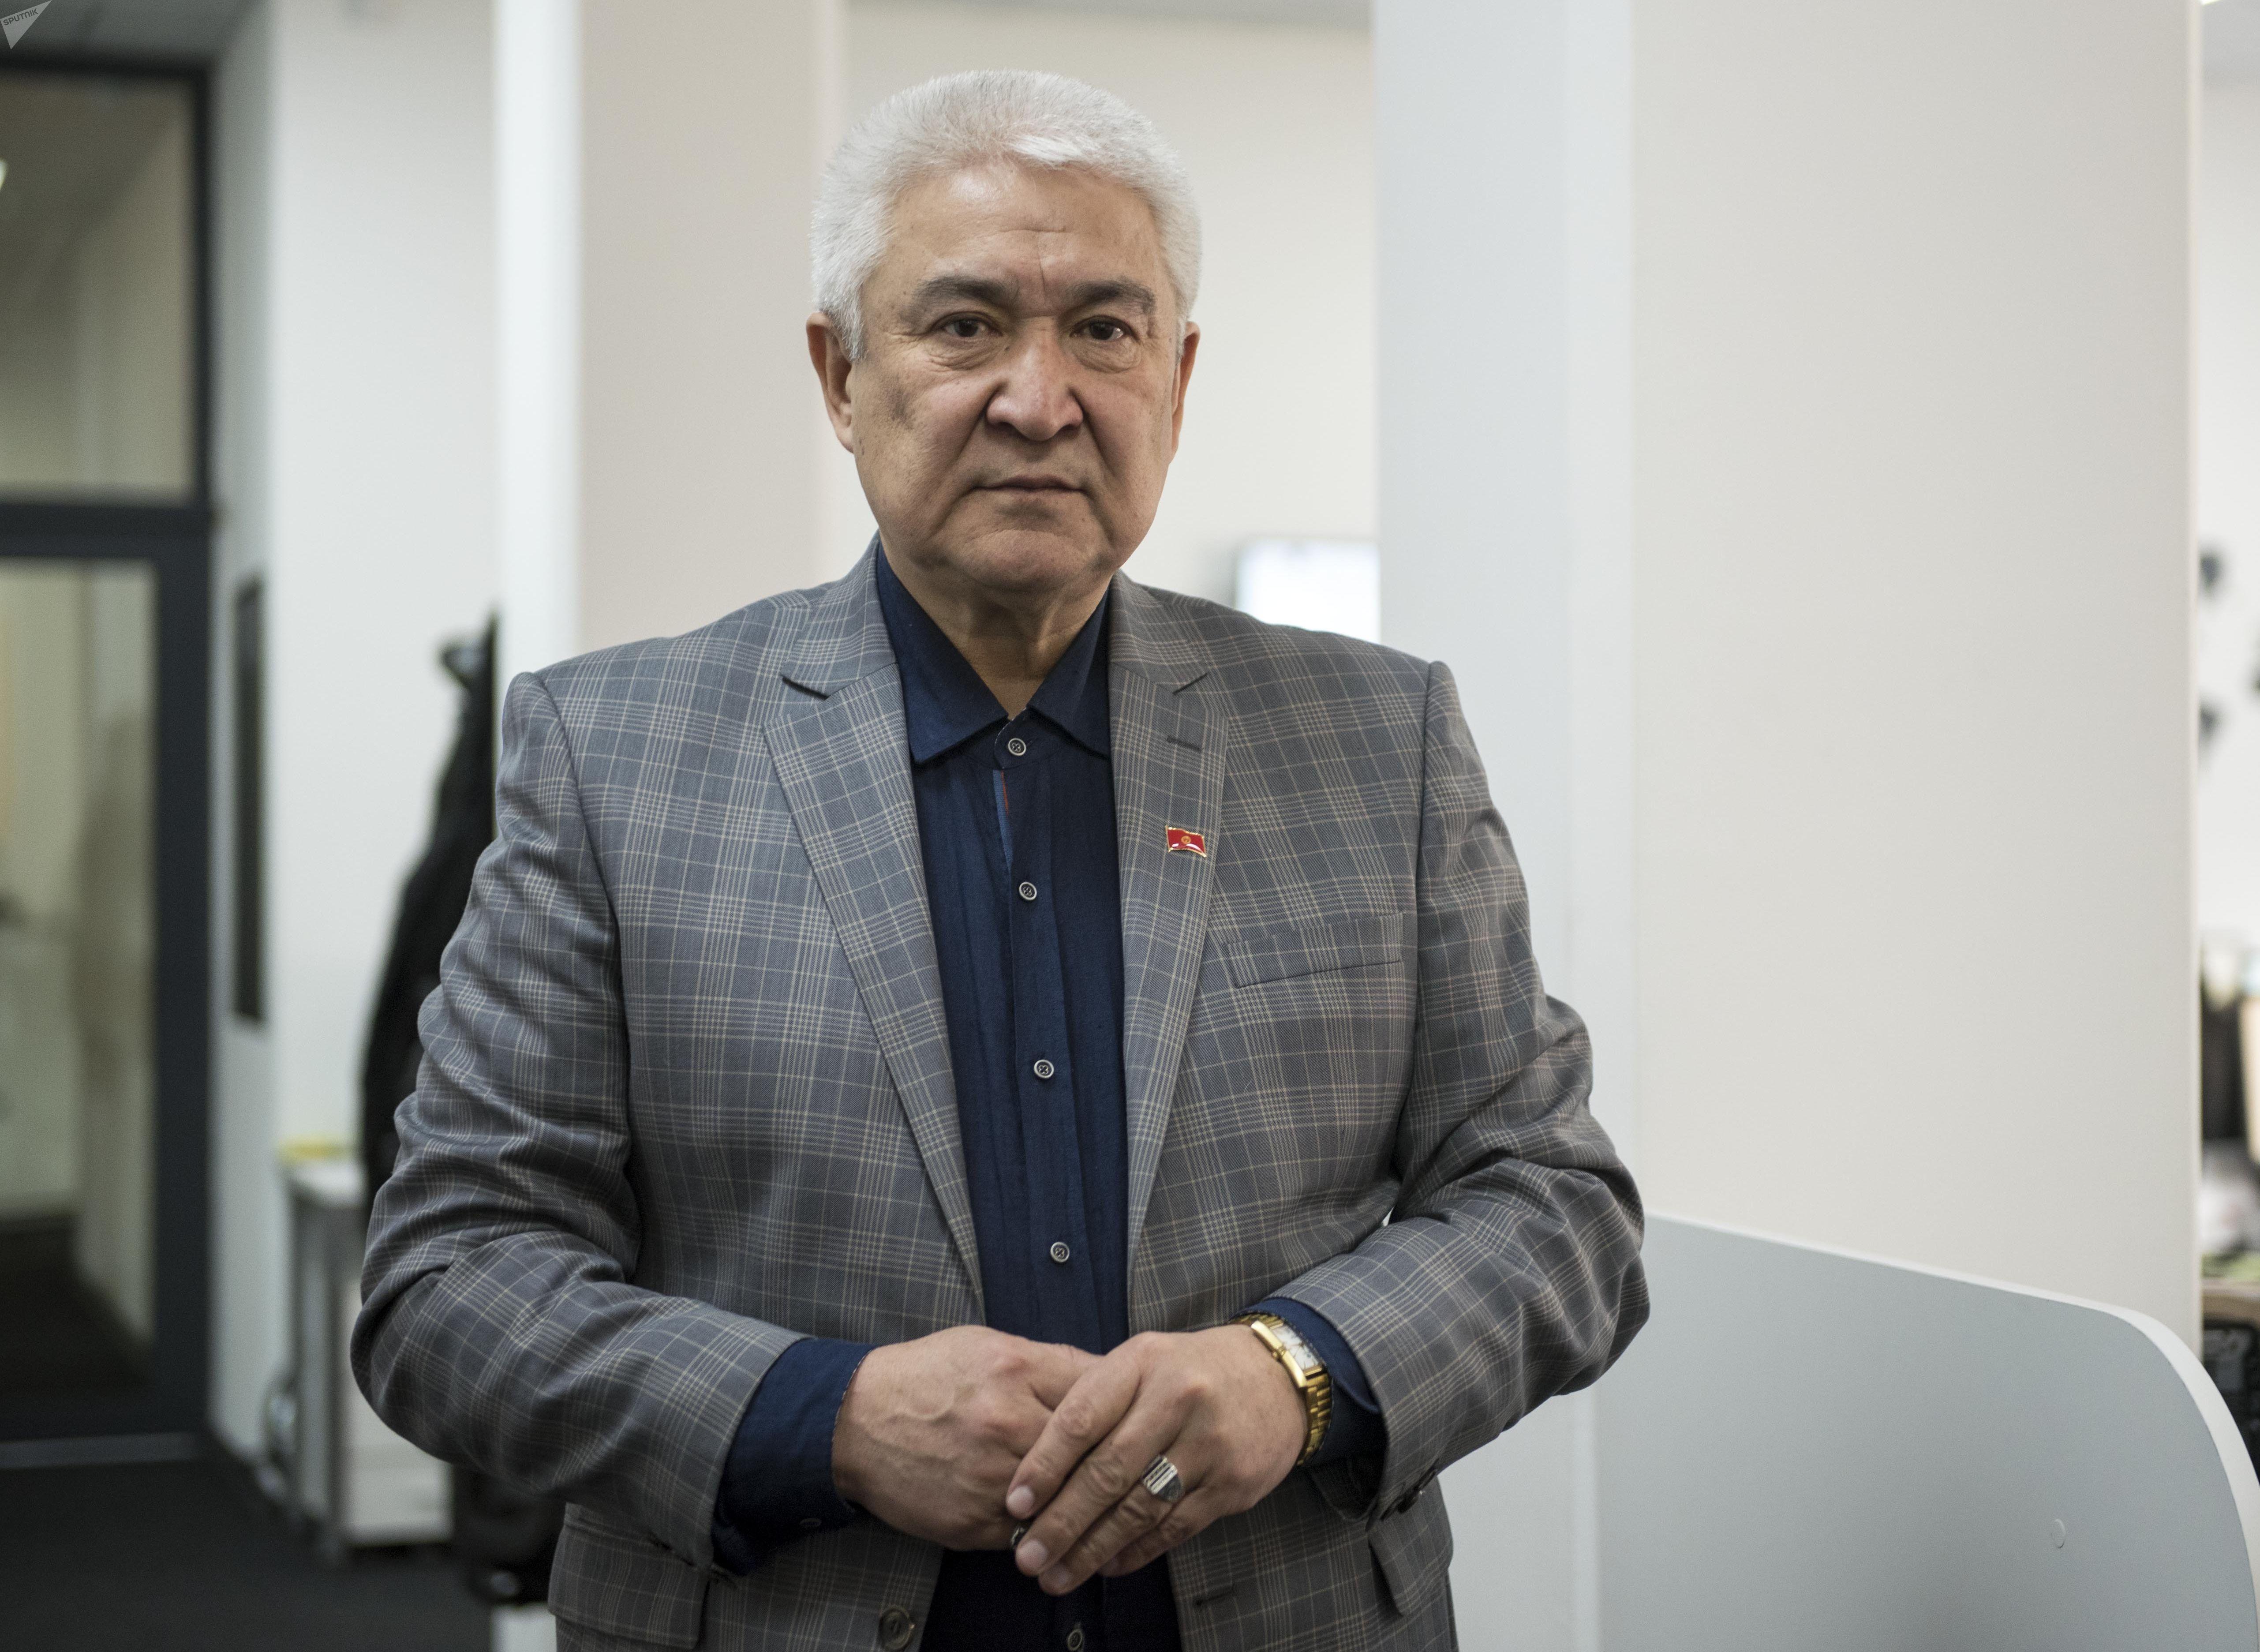 Заслуженный артист КР Темирлан Сманбеков, директор Кыргызского национального академического драматического театра Темирлан Сманбеков